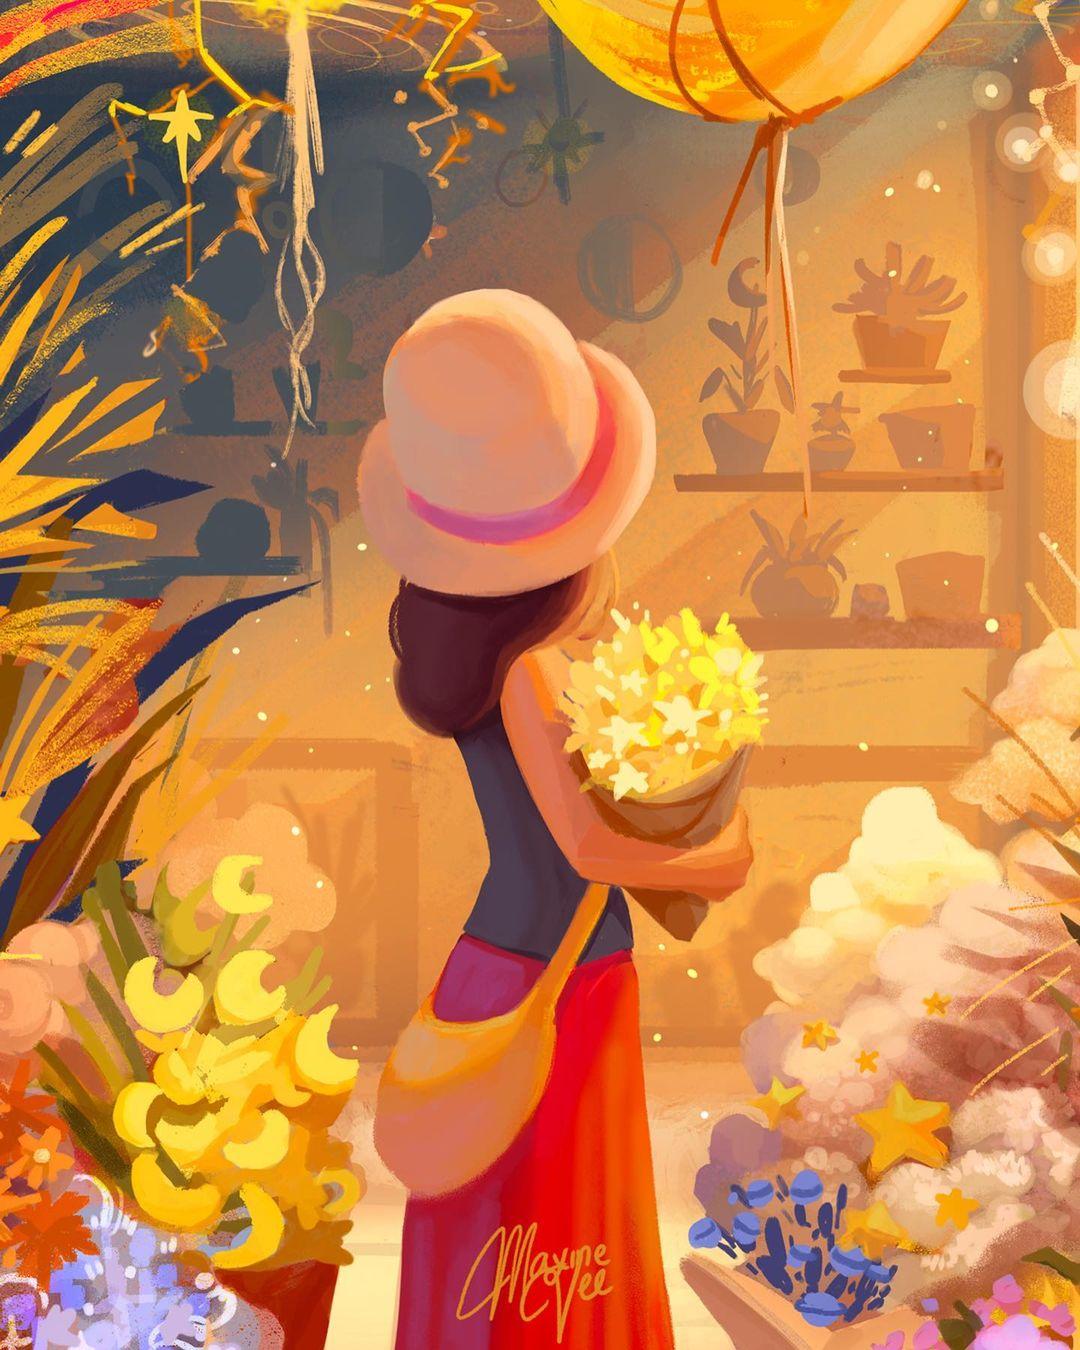 清新浪漫!12款质感十足的迪士尼人物插画